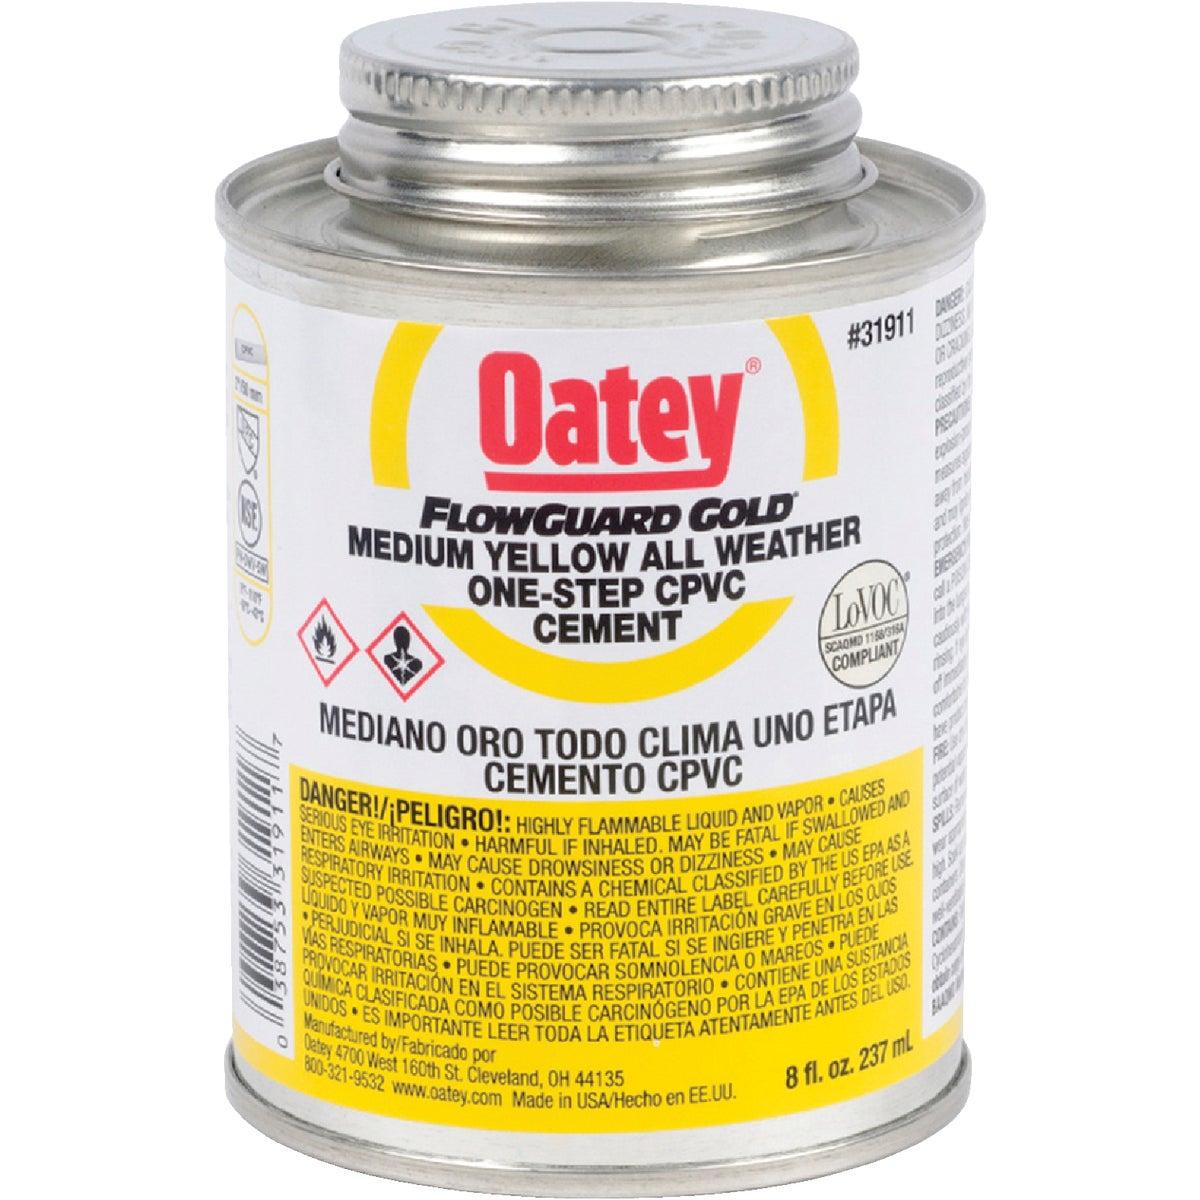 Oatey 1/2PINT F/G CPVC CEMENT 31911